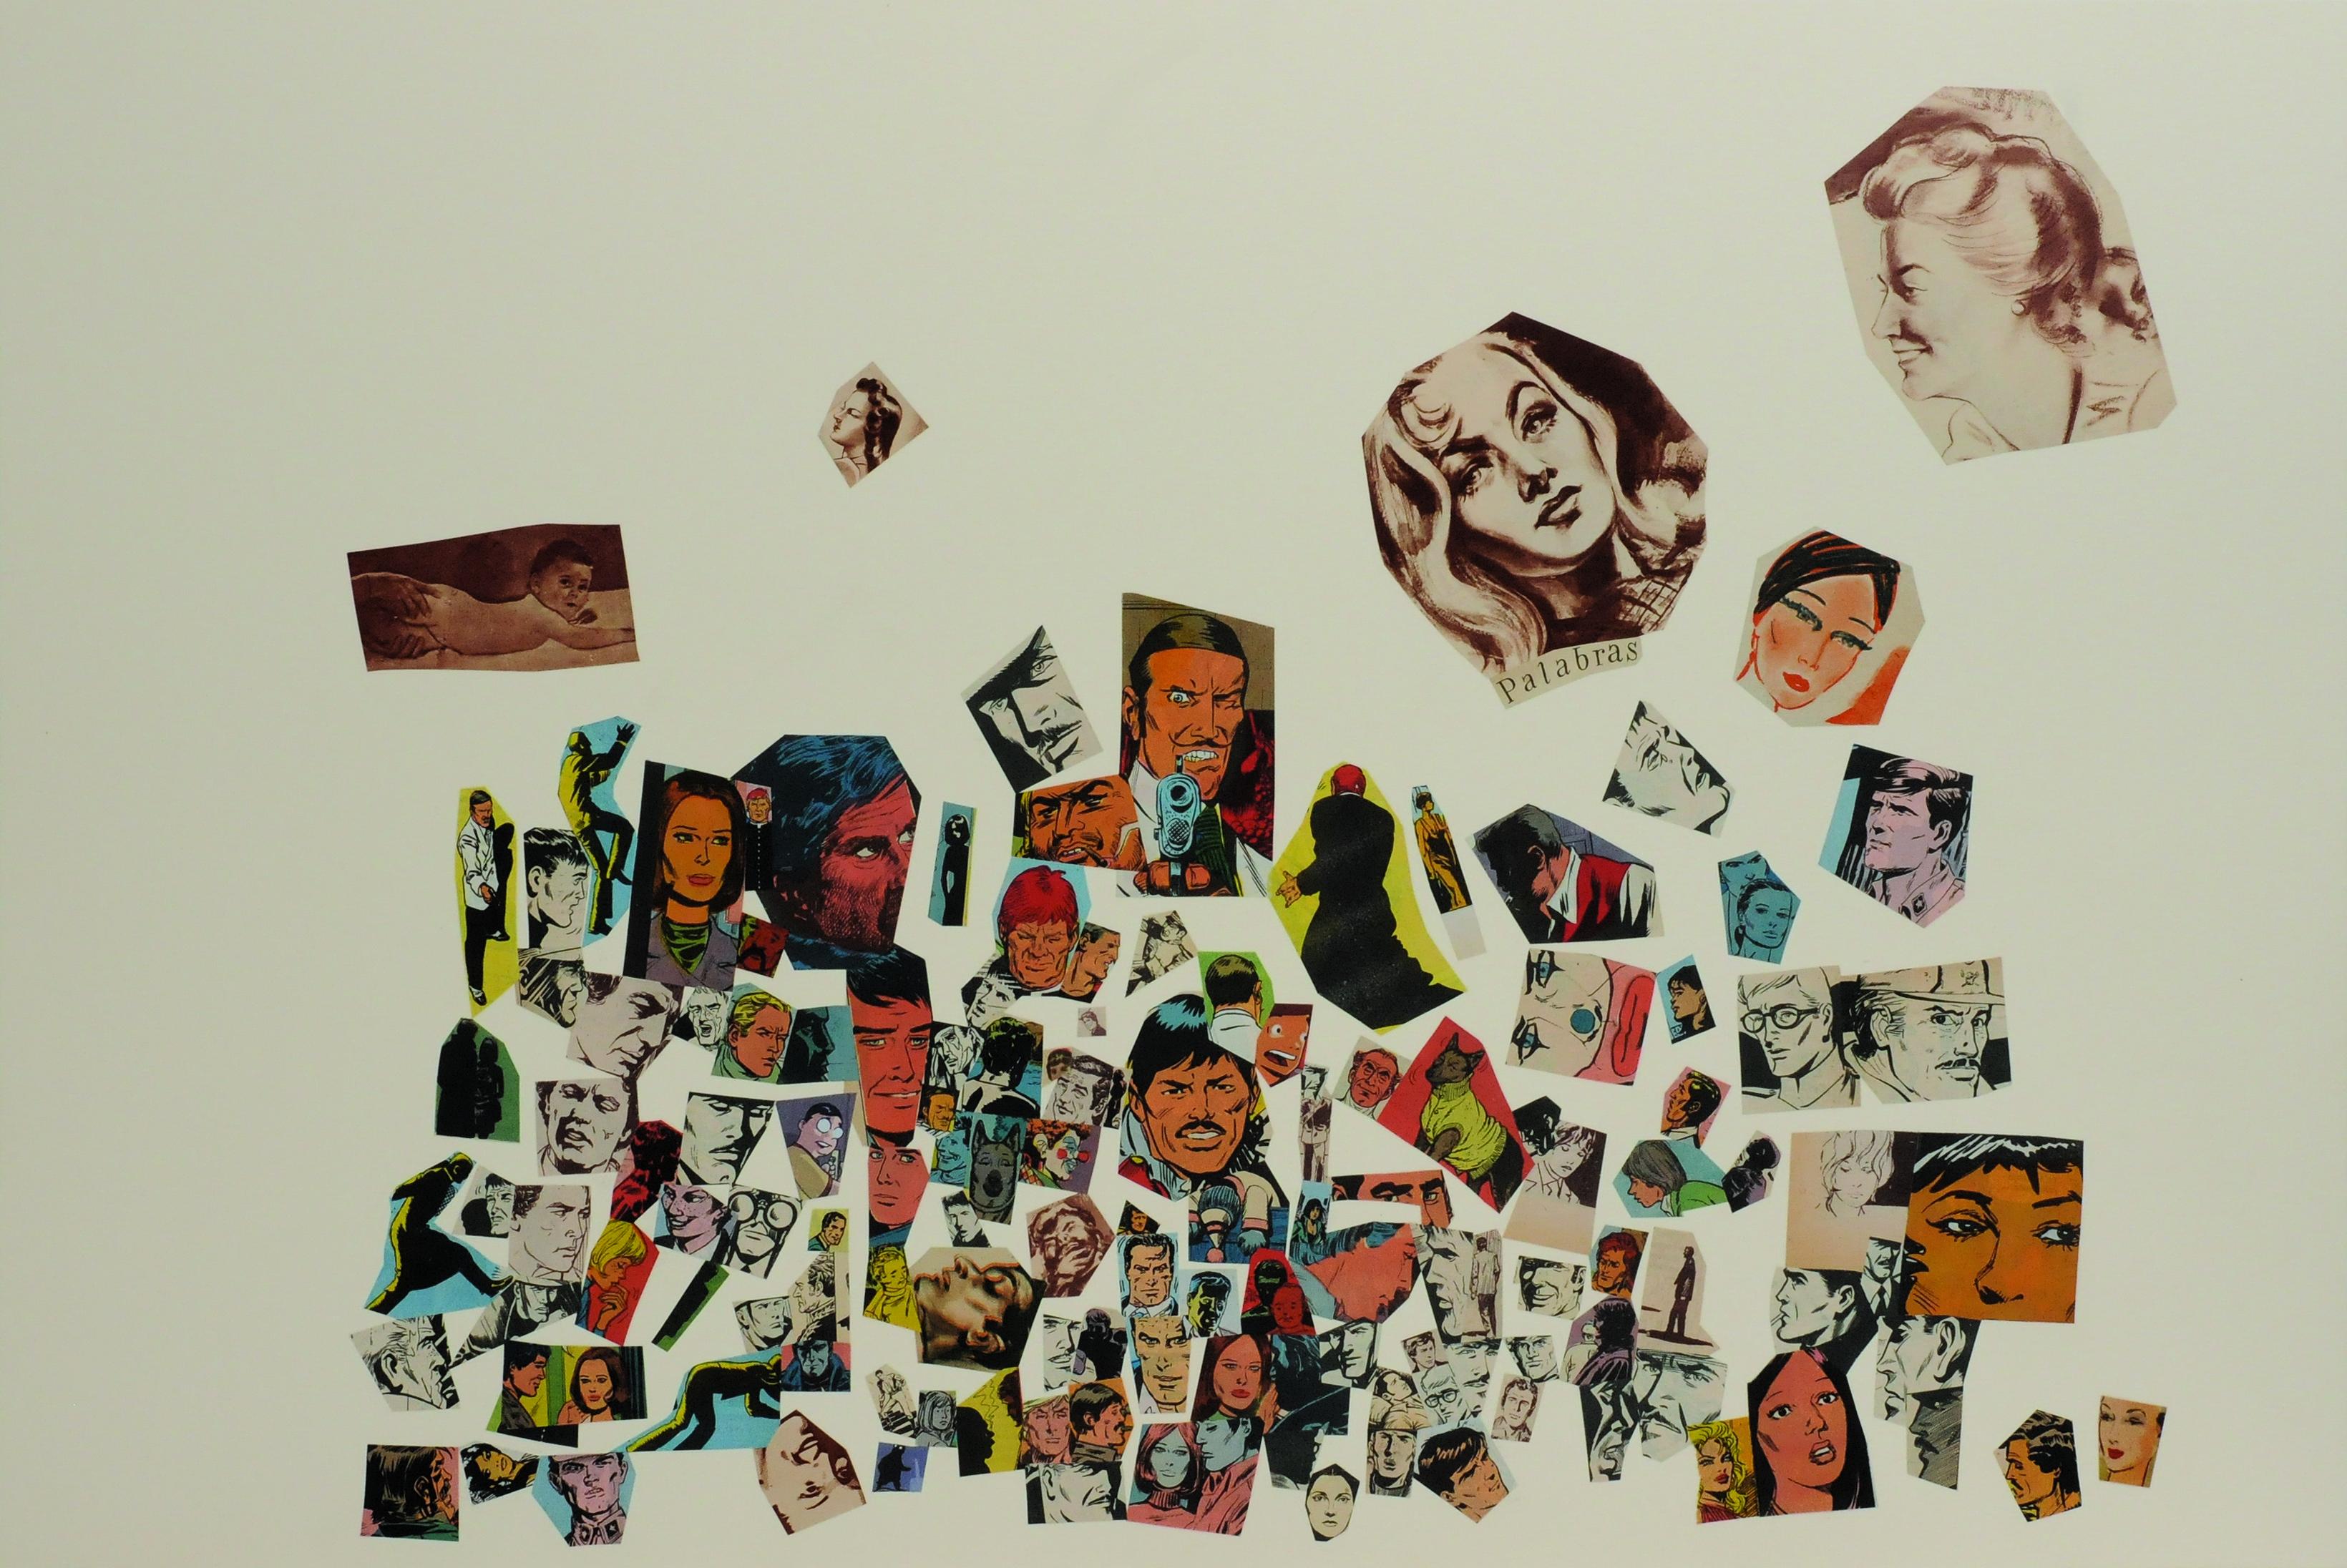 Palabras, papel collage, 51 cm x 76 cm. 2008